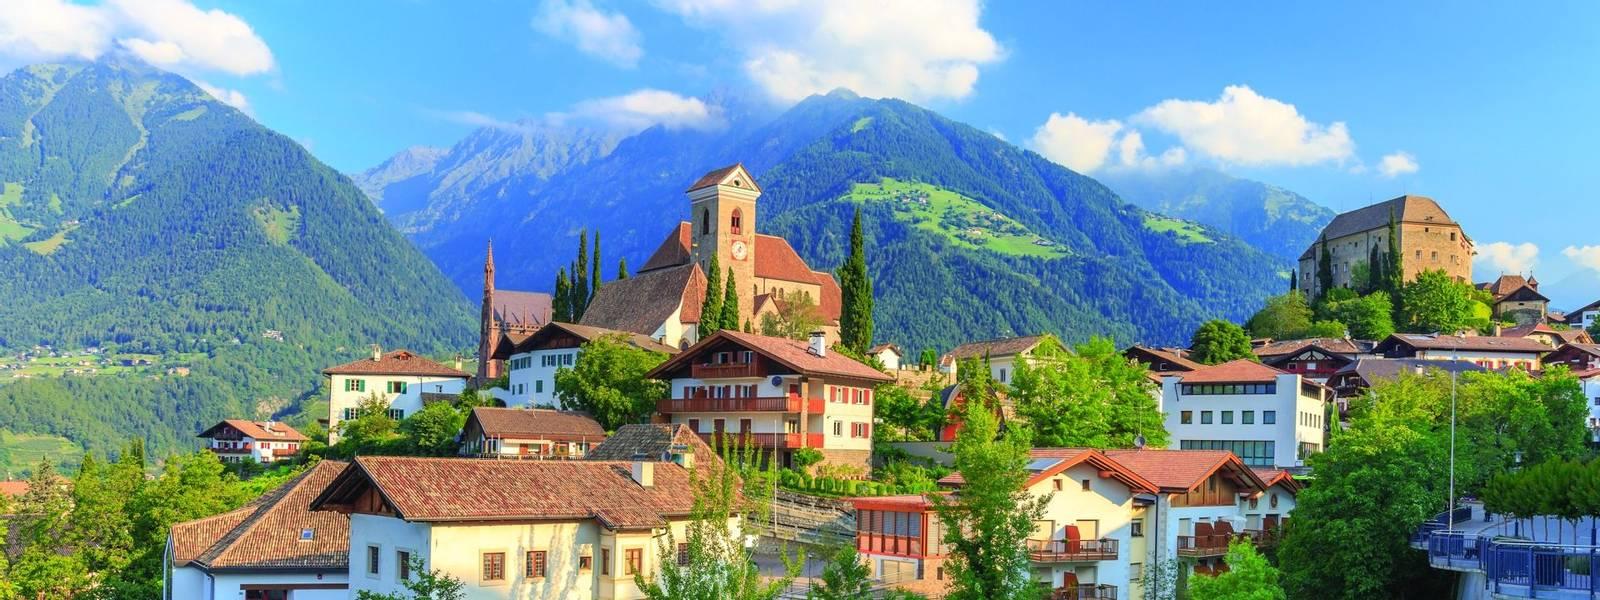 Südtiroler Bergdorf Schenna bei Meran